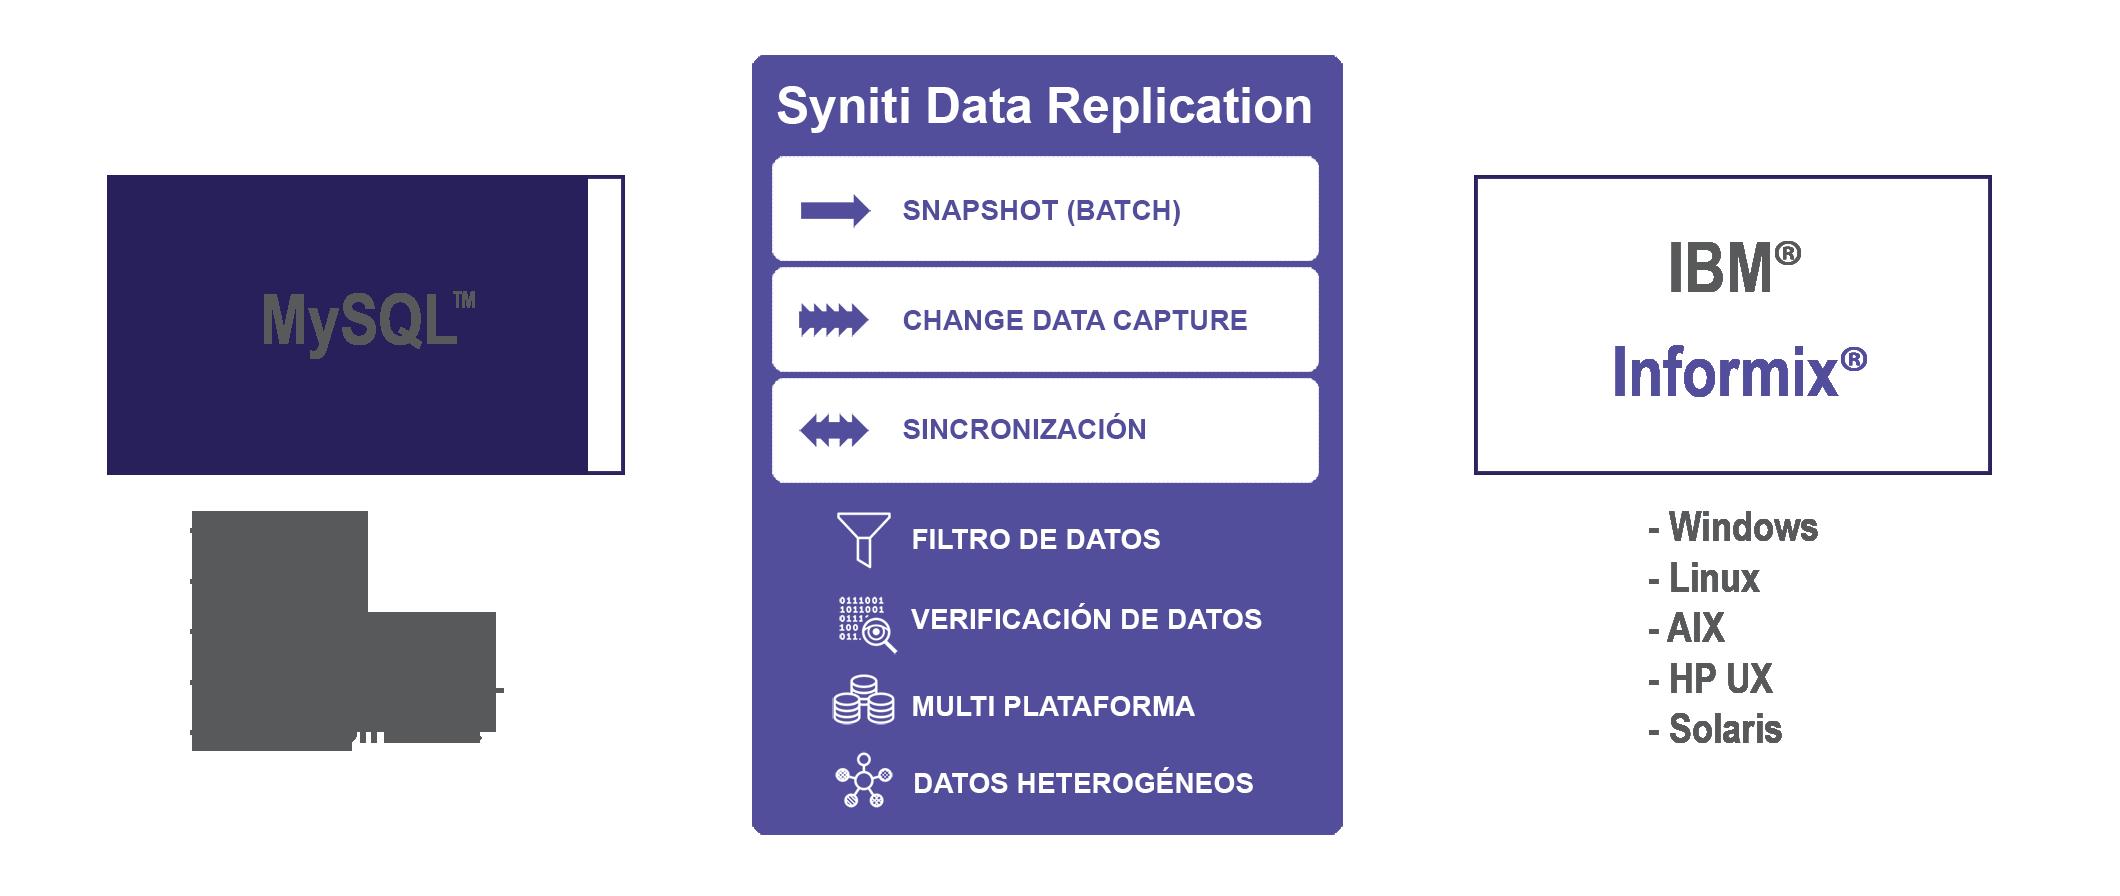 Replicacion de datos MySQL a Informix